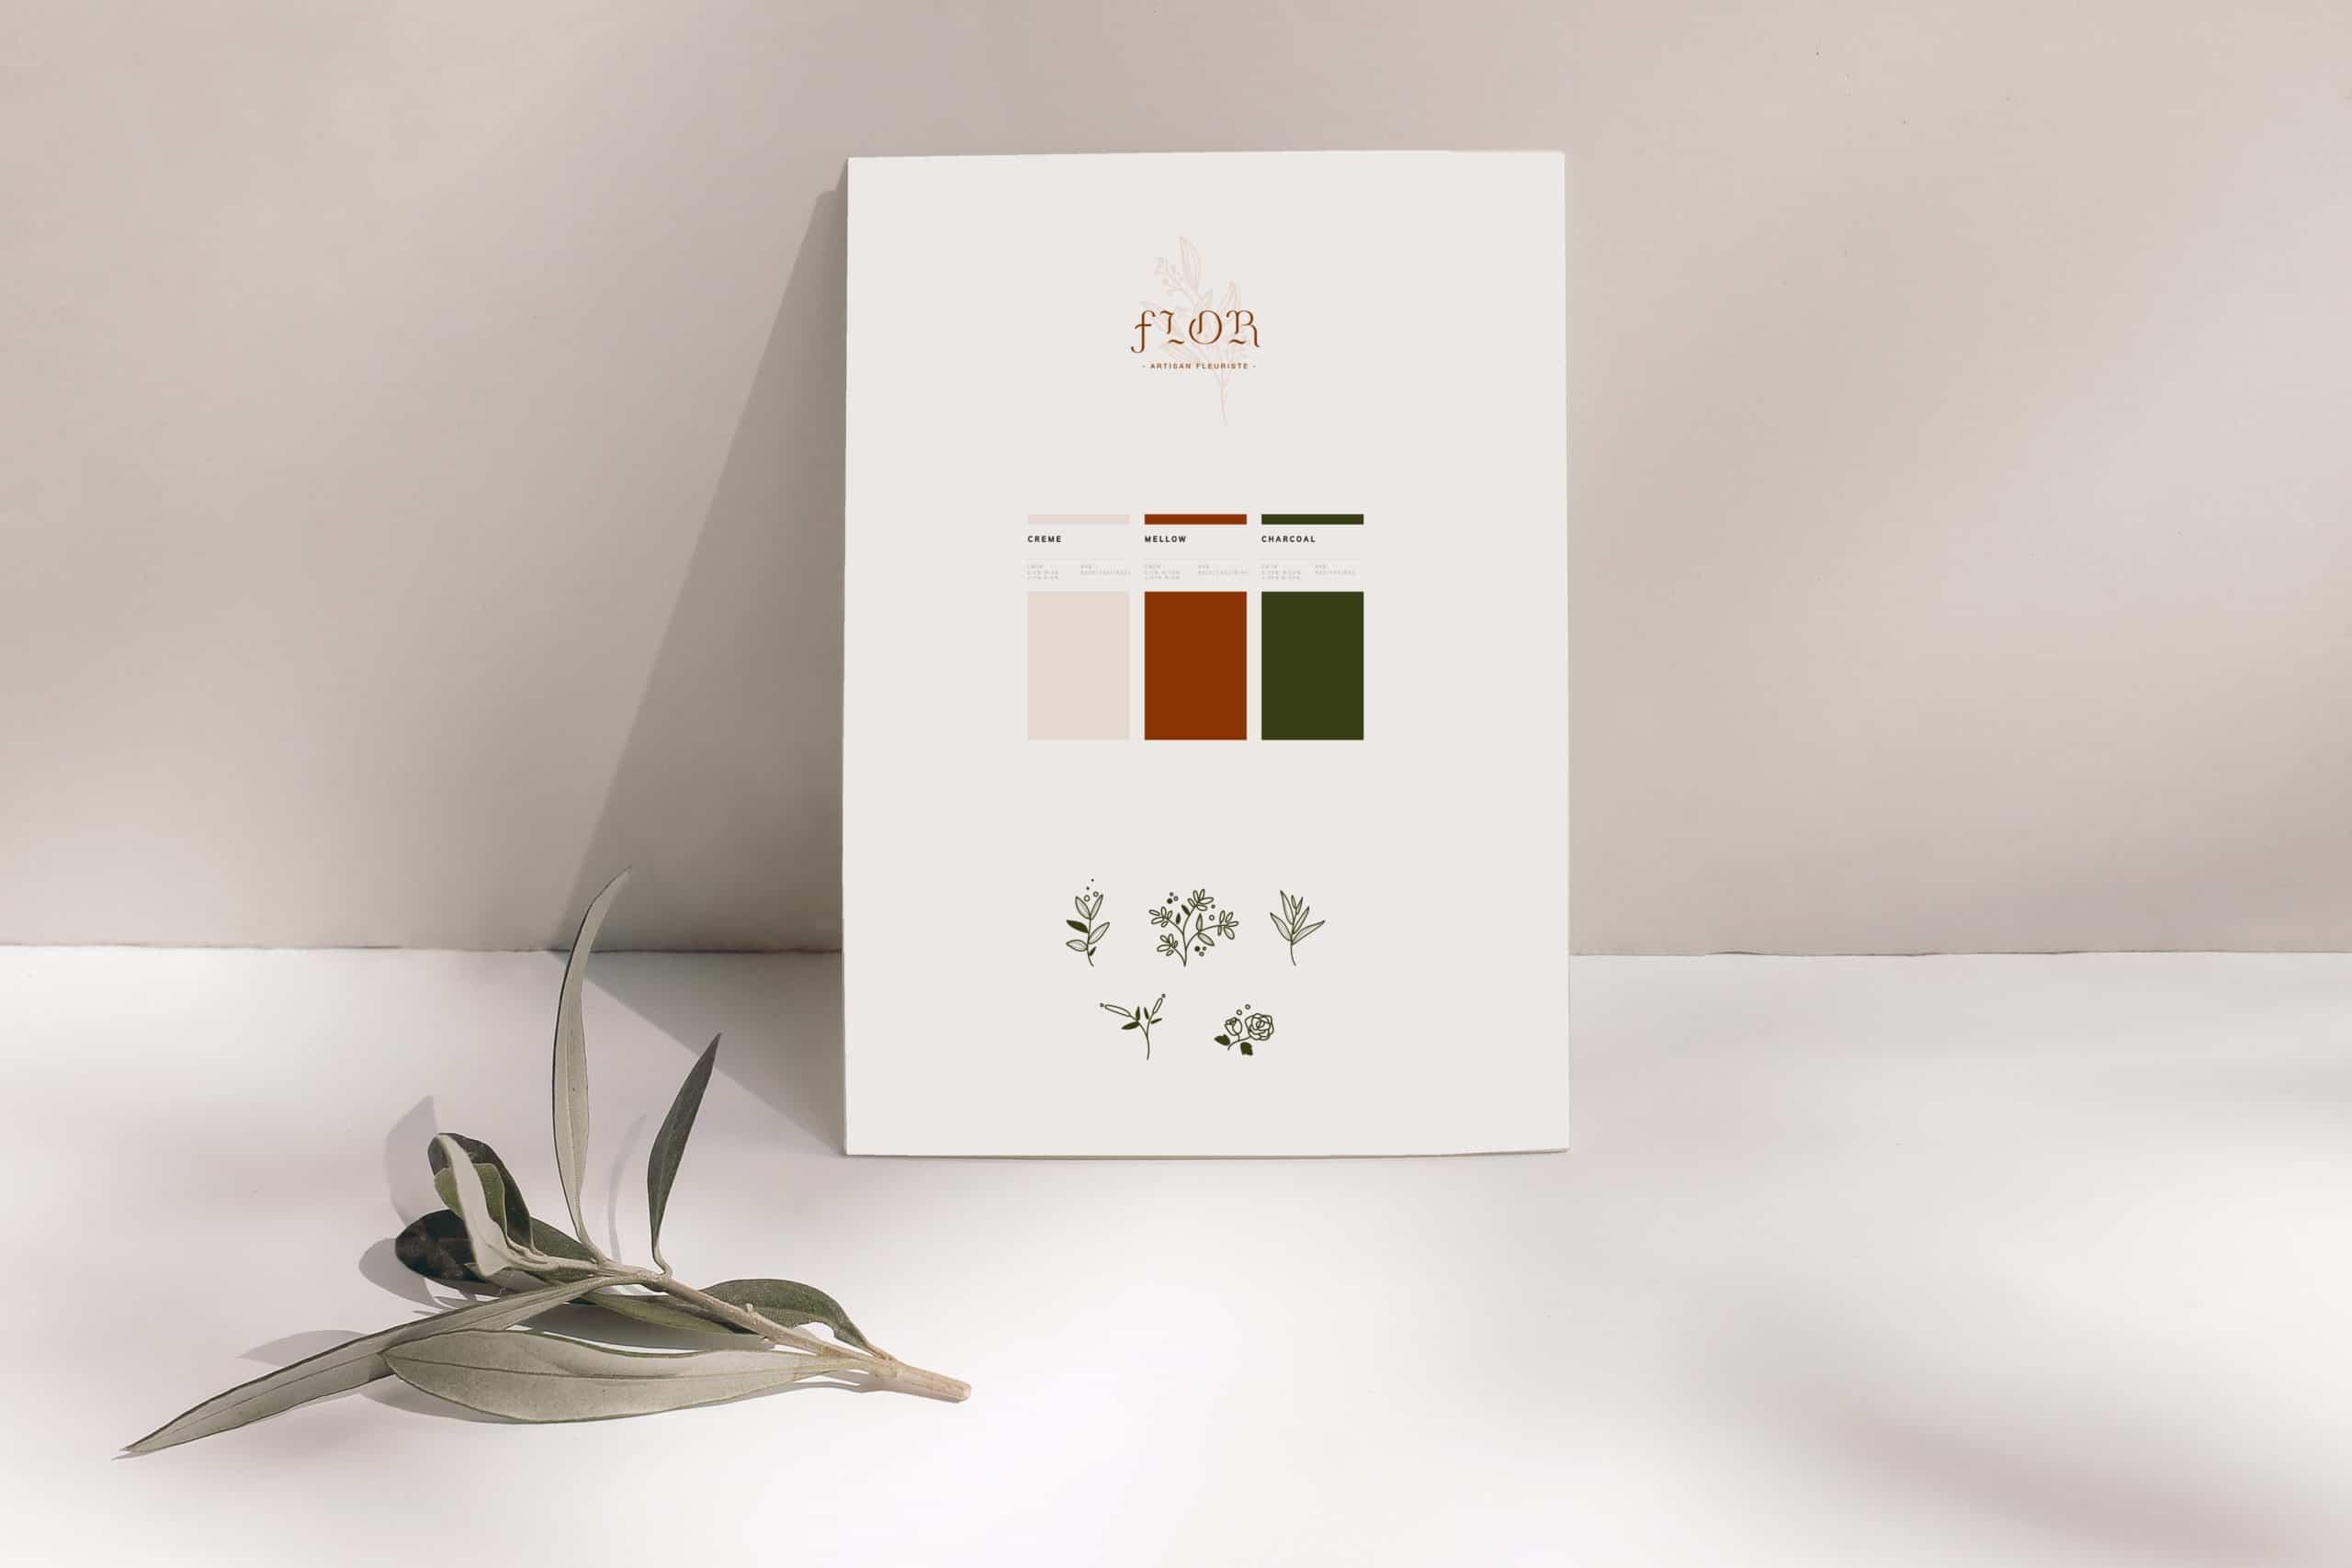 Charte graphique du fleuriste Flor. Feuille blanche posé sur une table avec une feuille posé à gauche. Sur la feuille on retrouve le logotype, les couleurs utilisées et les pictogrammes créés sur-mesure